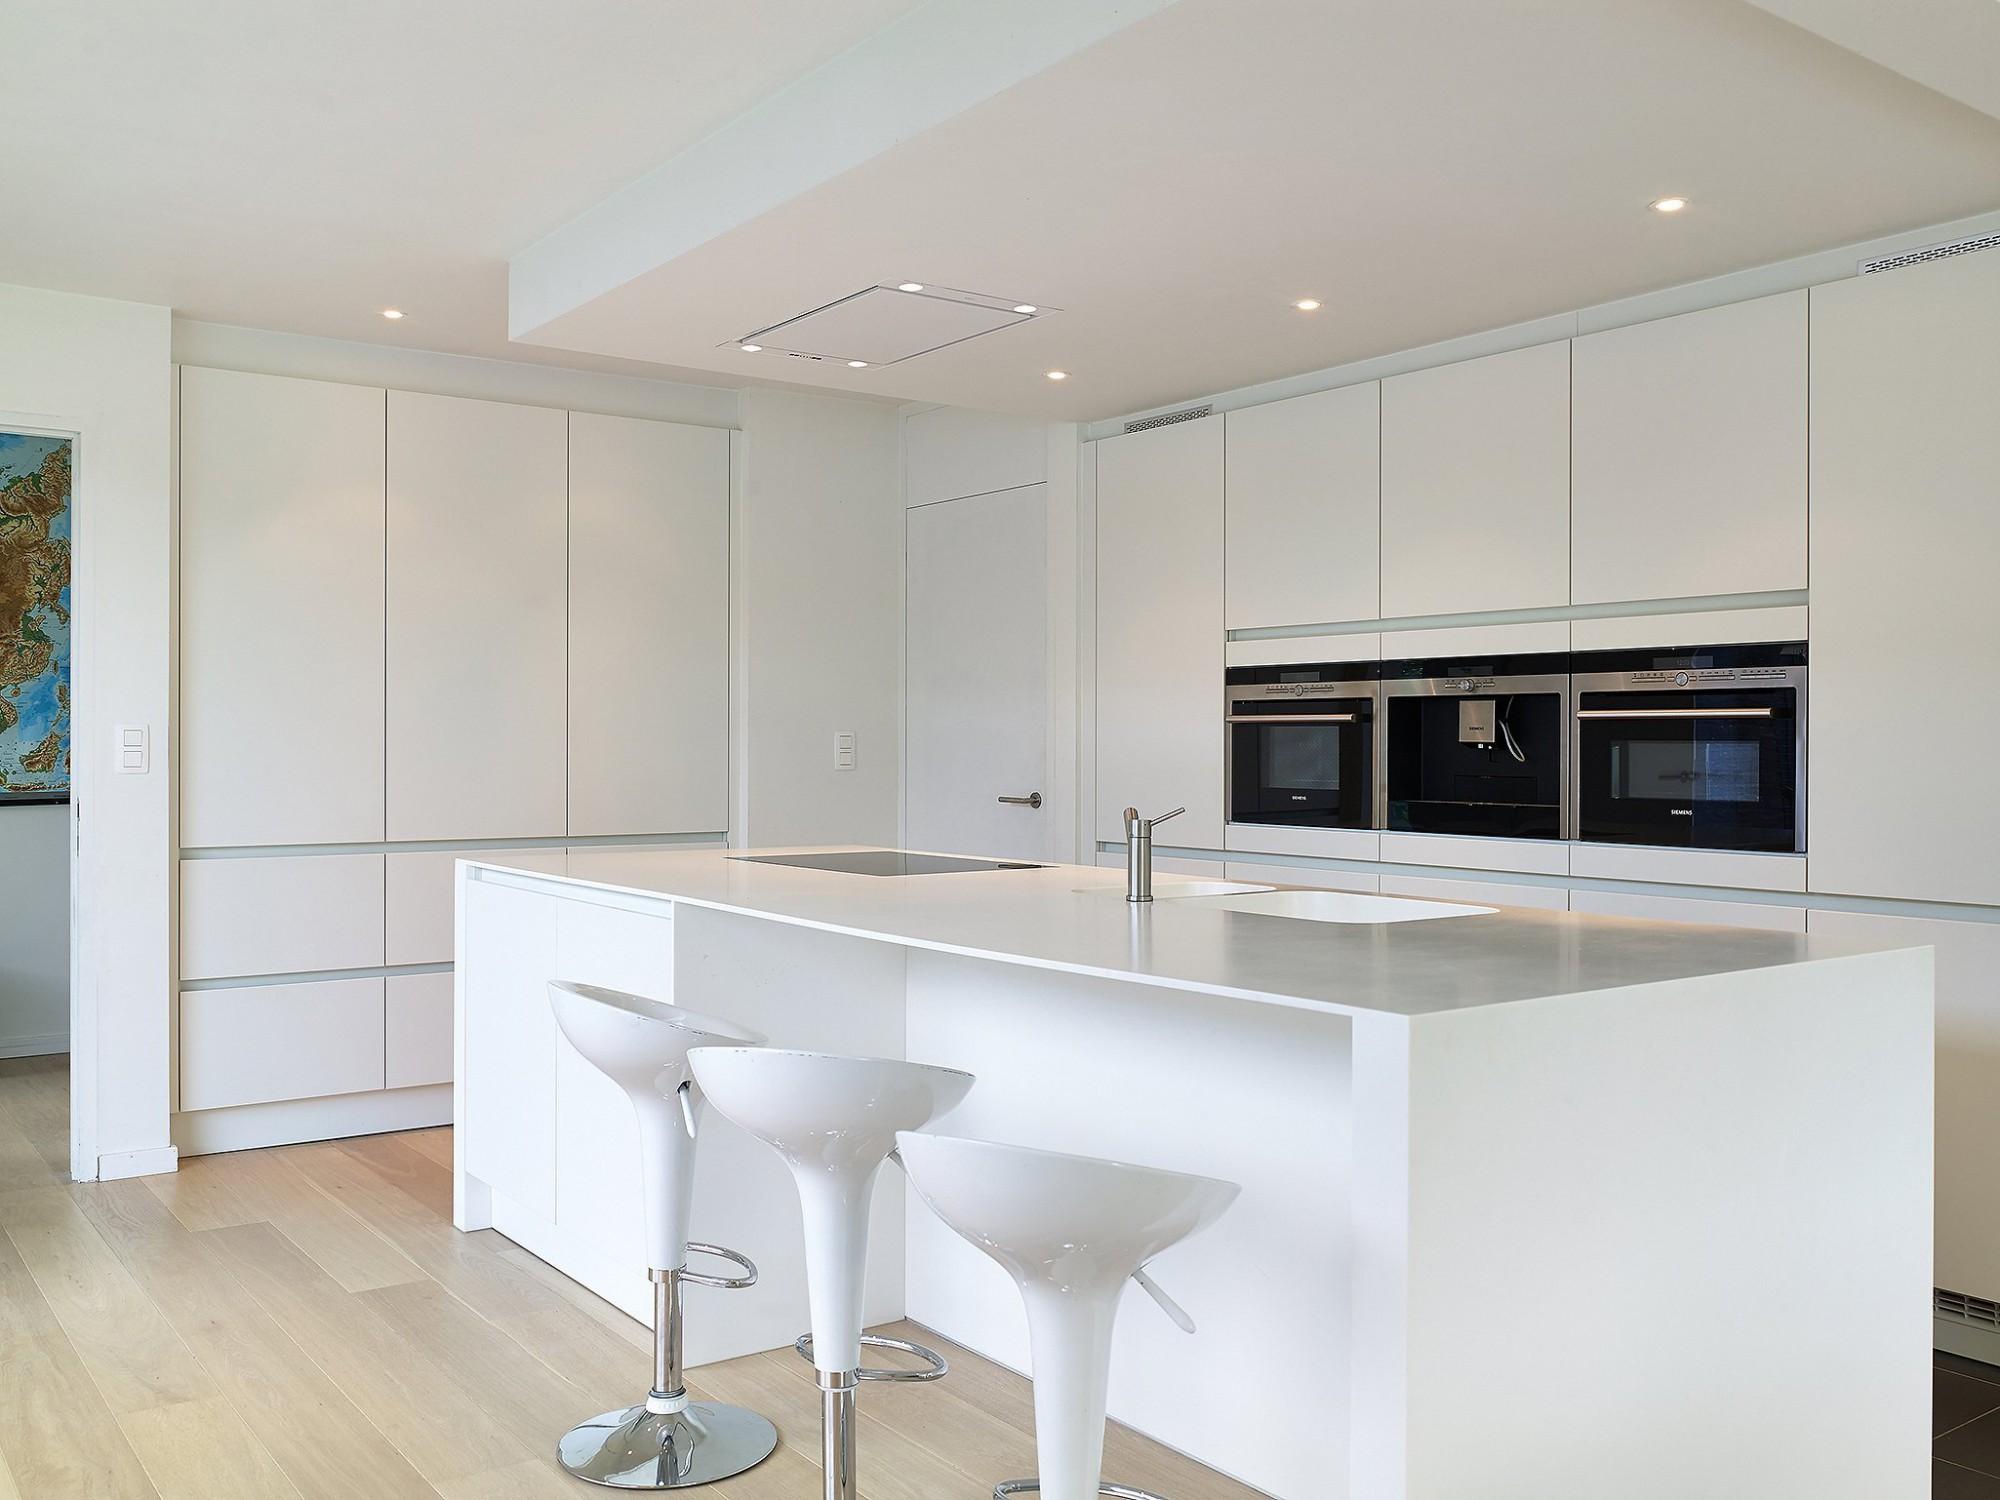 Afbeelding: Fotografie keuken modern te Herselt voor RDK, fotografie keukens Foto Van Huffel.